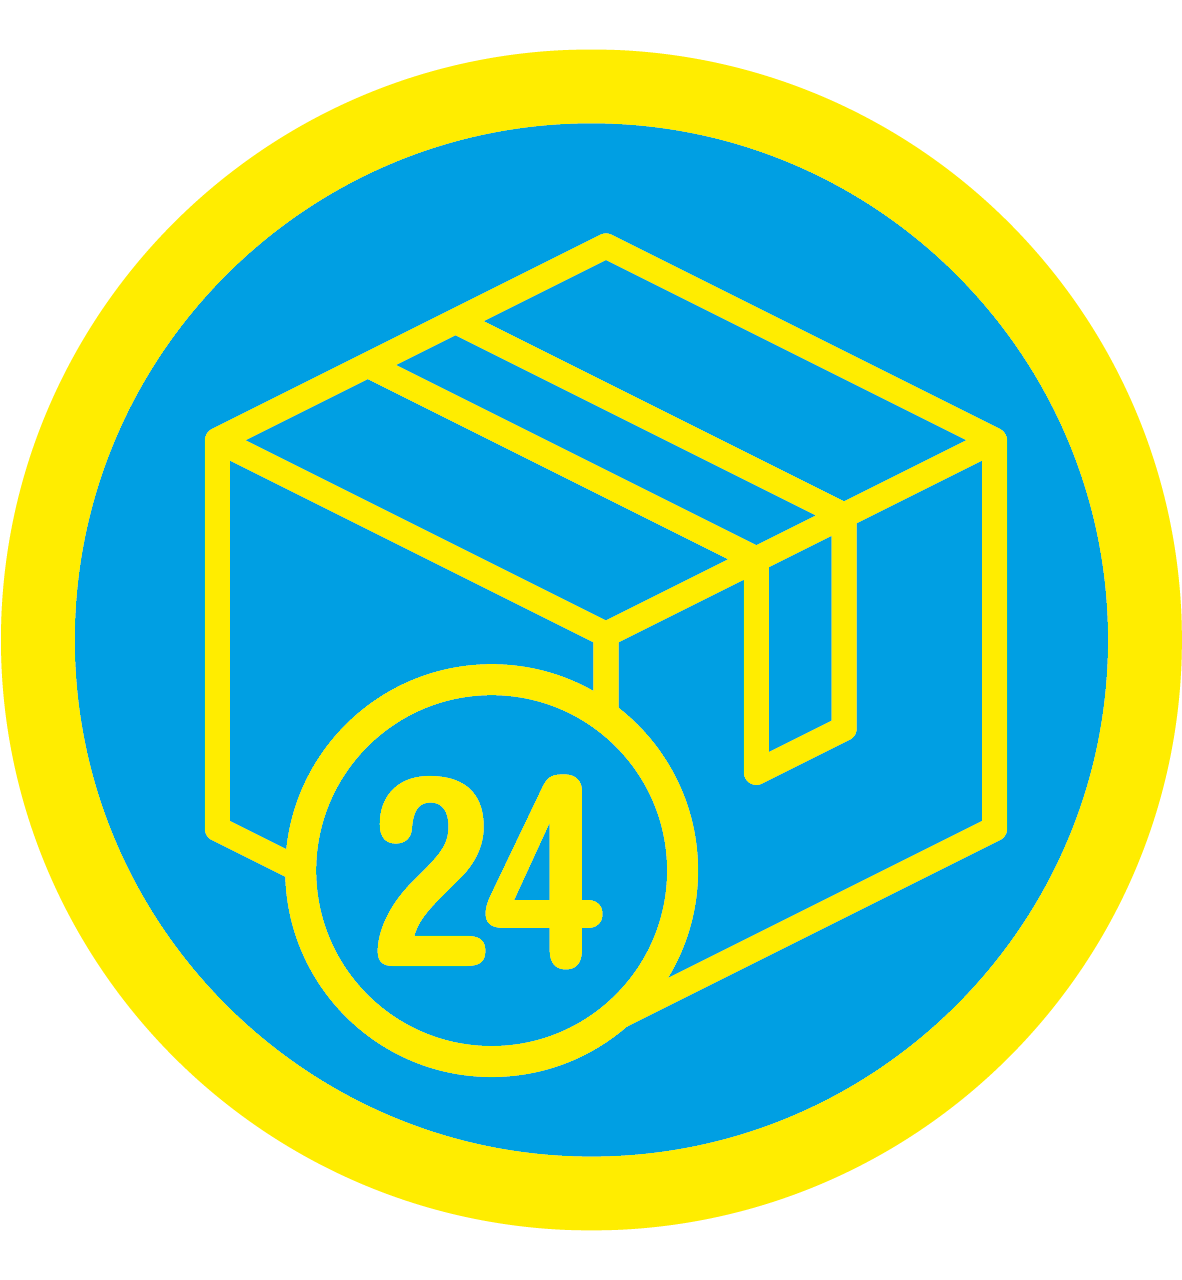 24h livraison